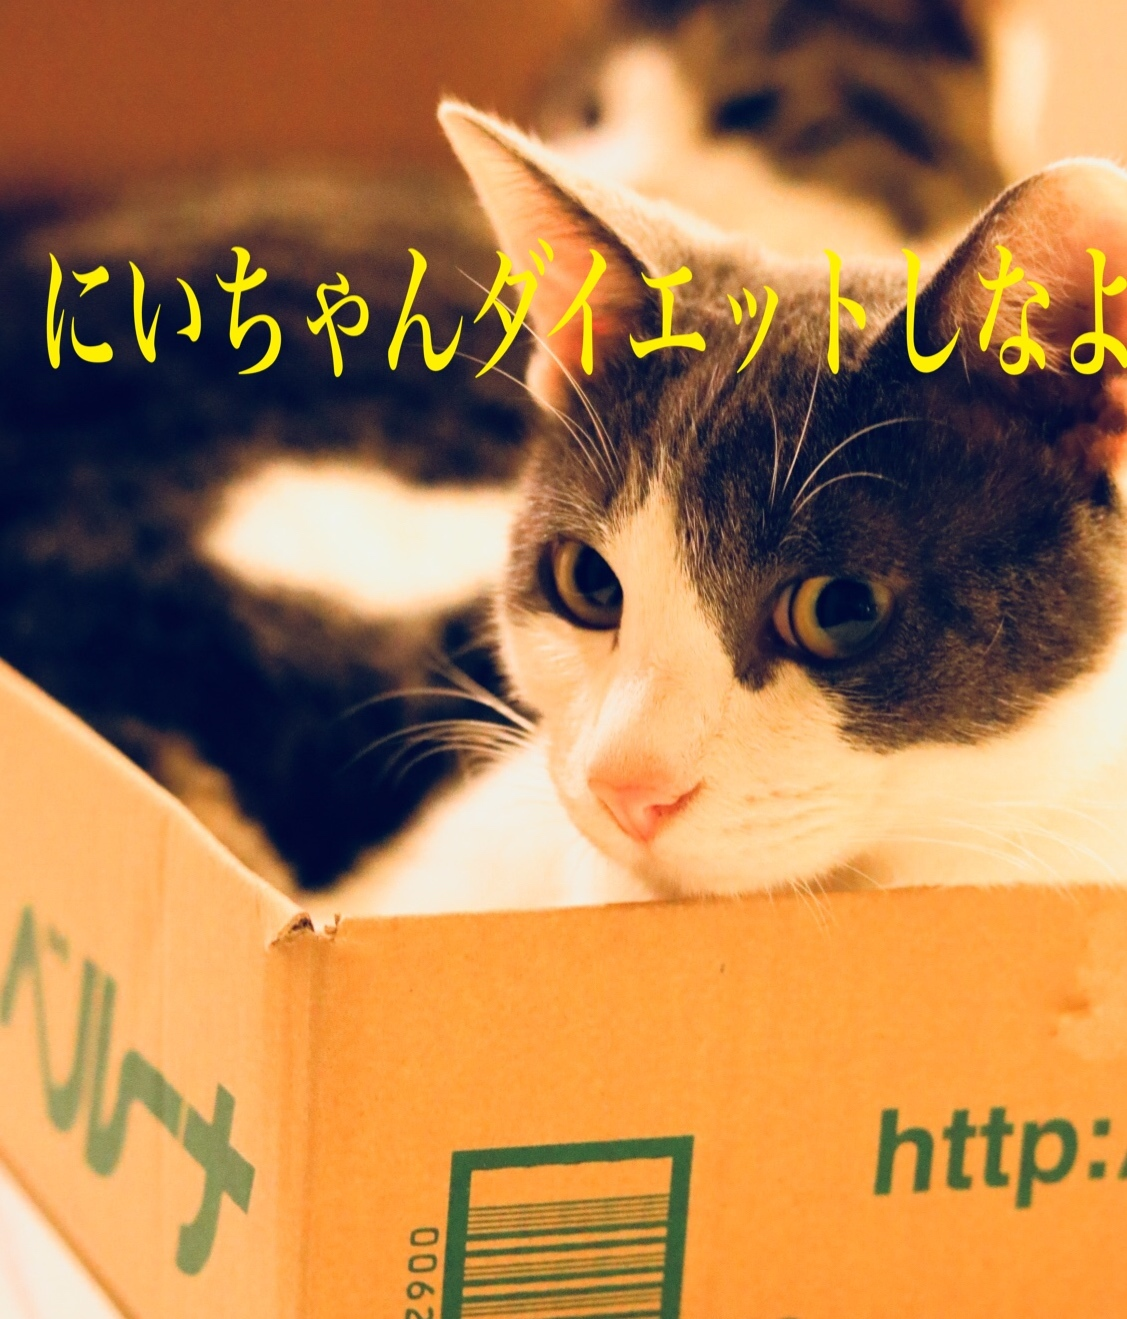 にゃんこ劇場「ギュウギュウ詰め」_c0366722_10205841.jpeg